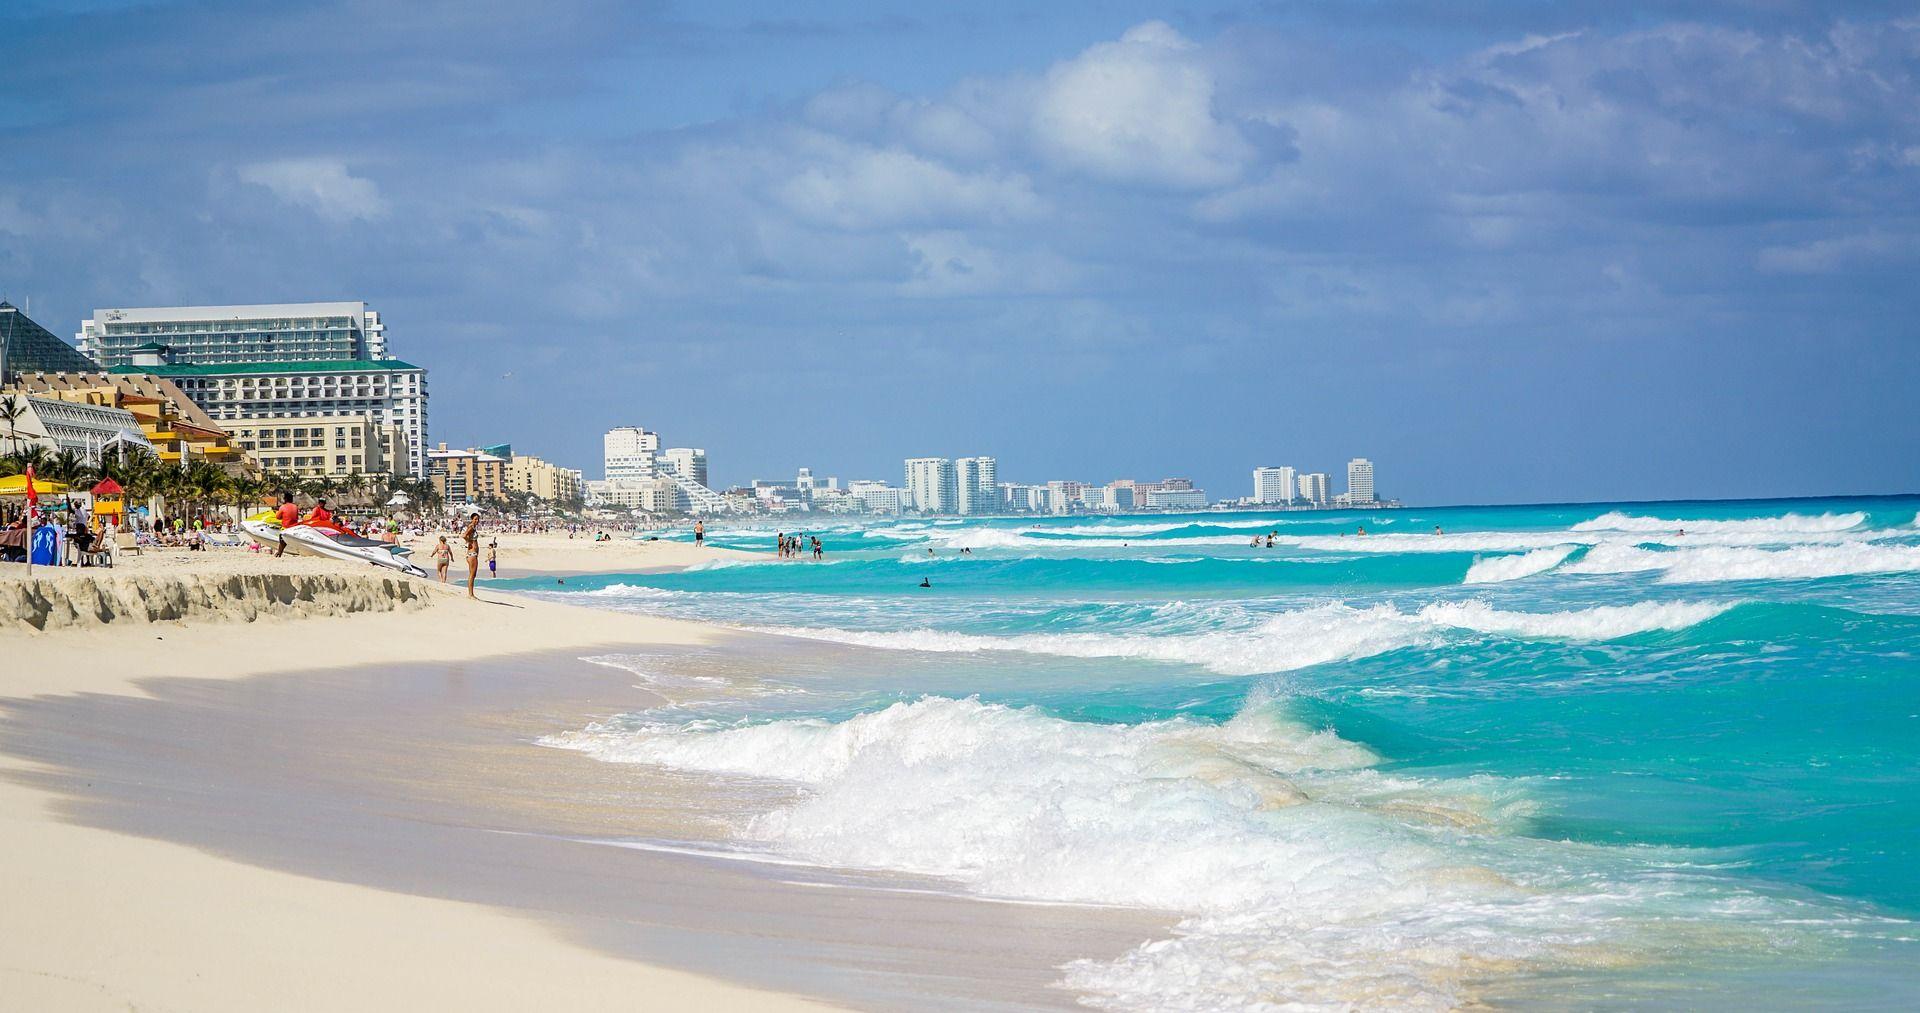 cancun-turismo-ecologico-cultural-lgbti